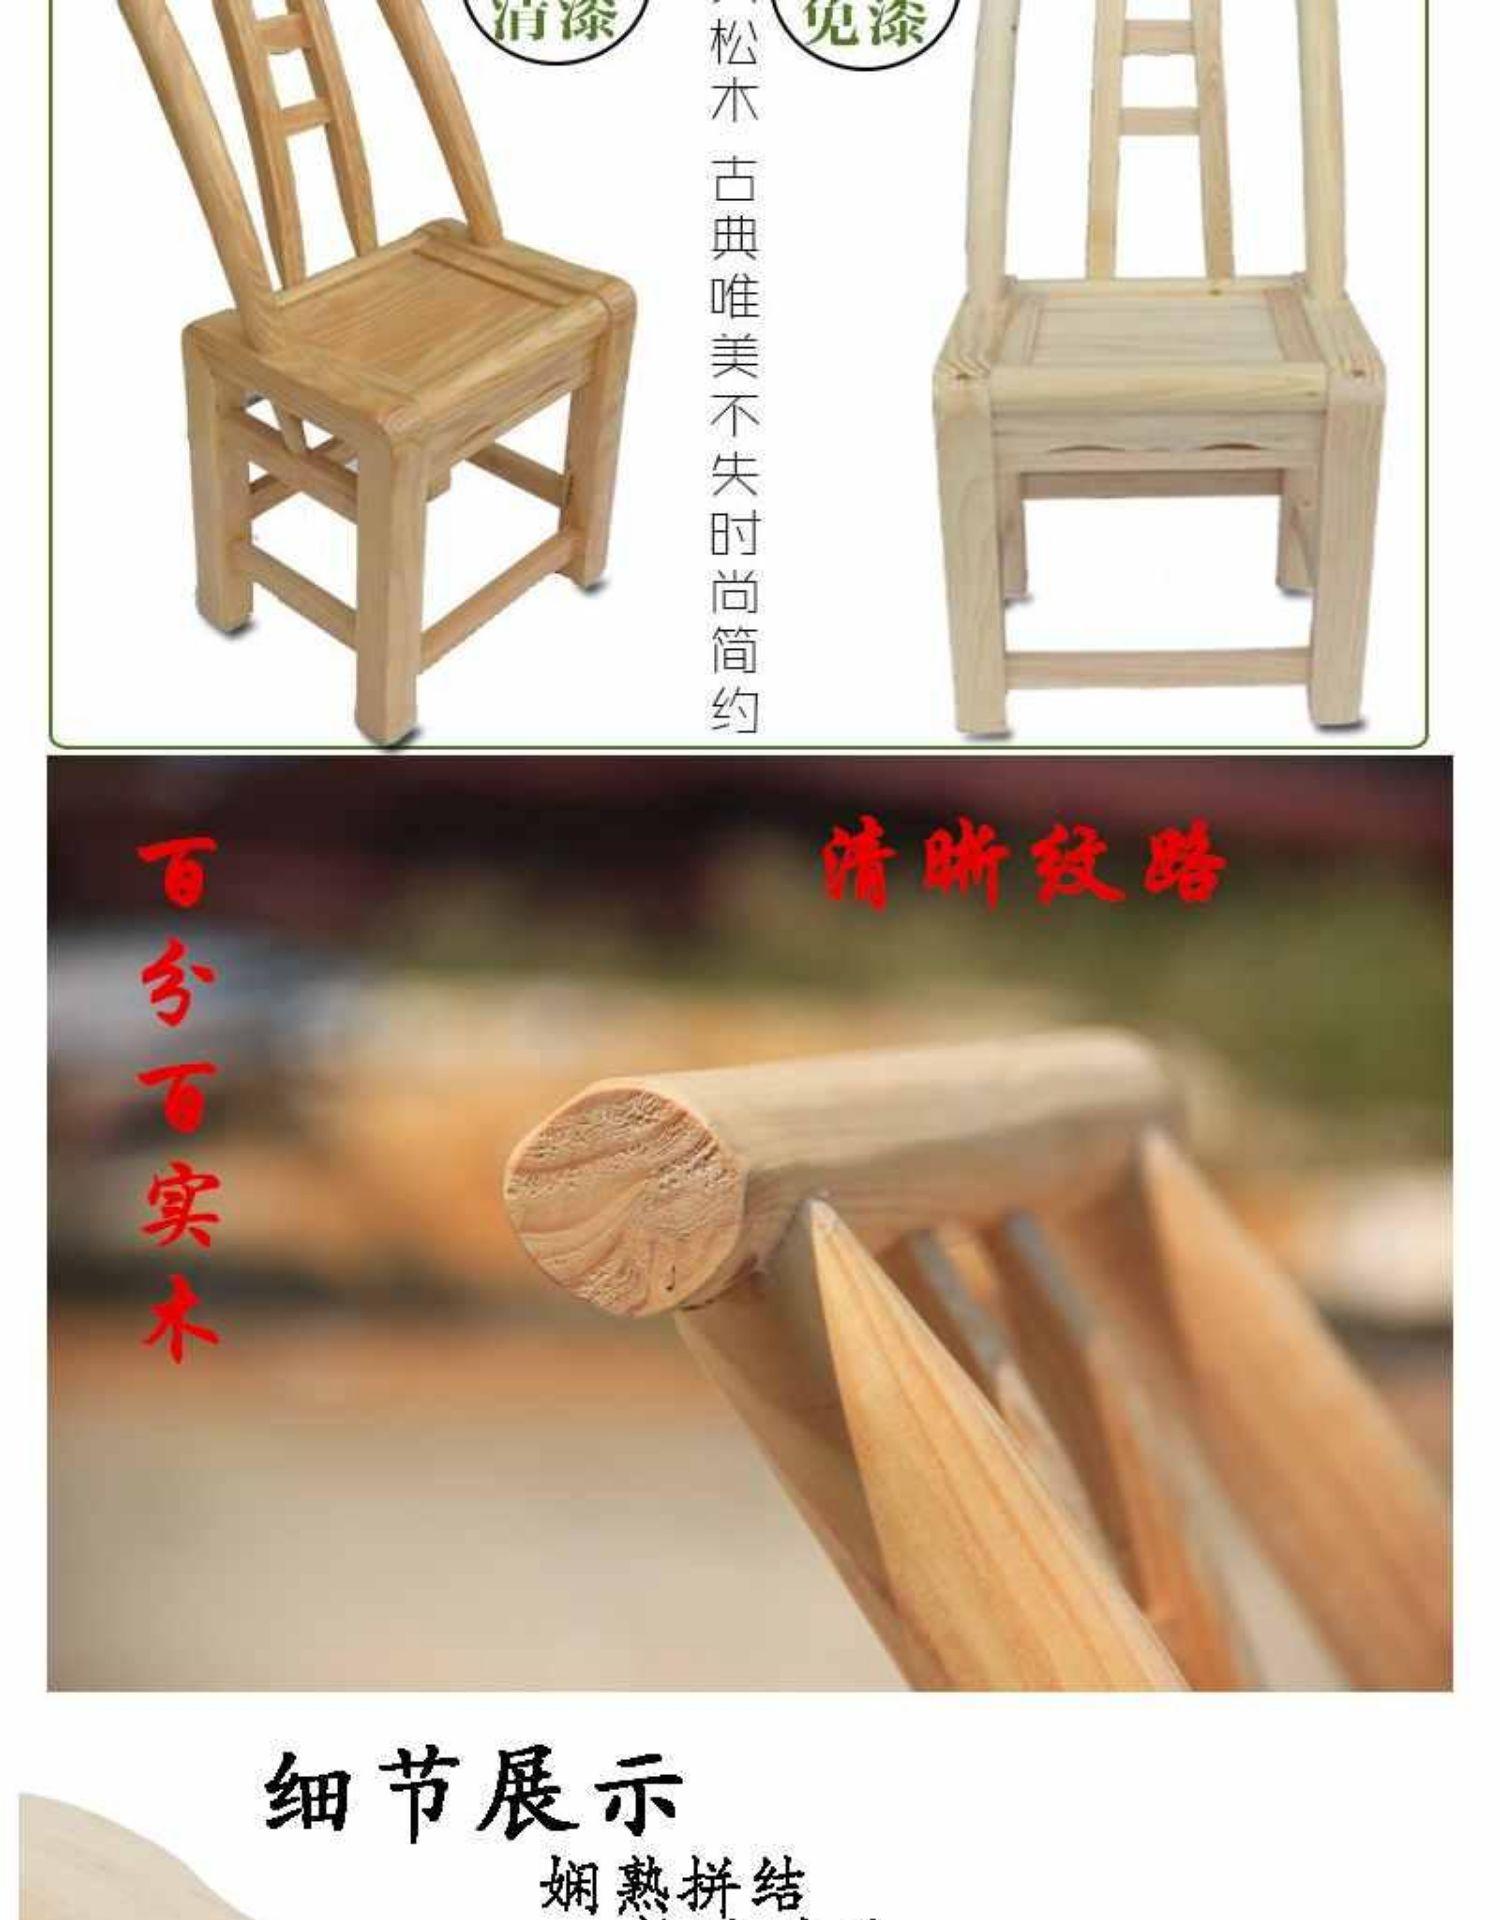 鬆木椅实木农村老式吃饭餐椅儿童休閒农场饭店椅换鞋凳家用靠背椅子详细照片